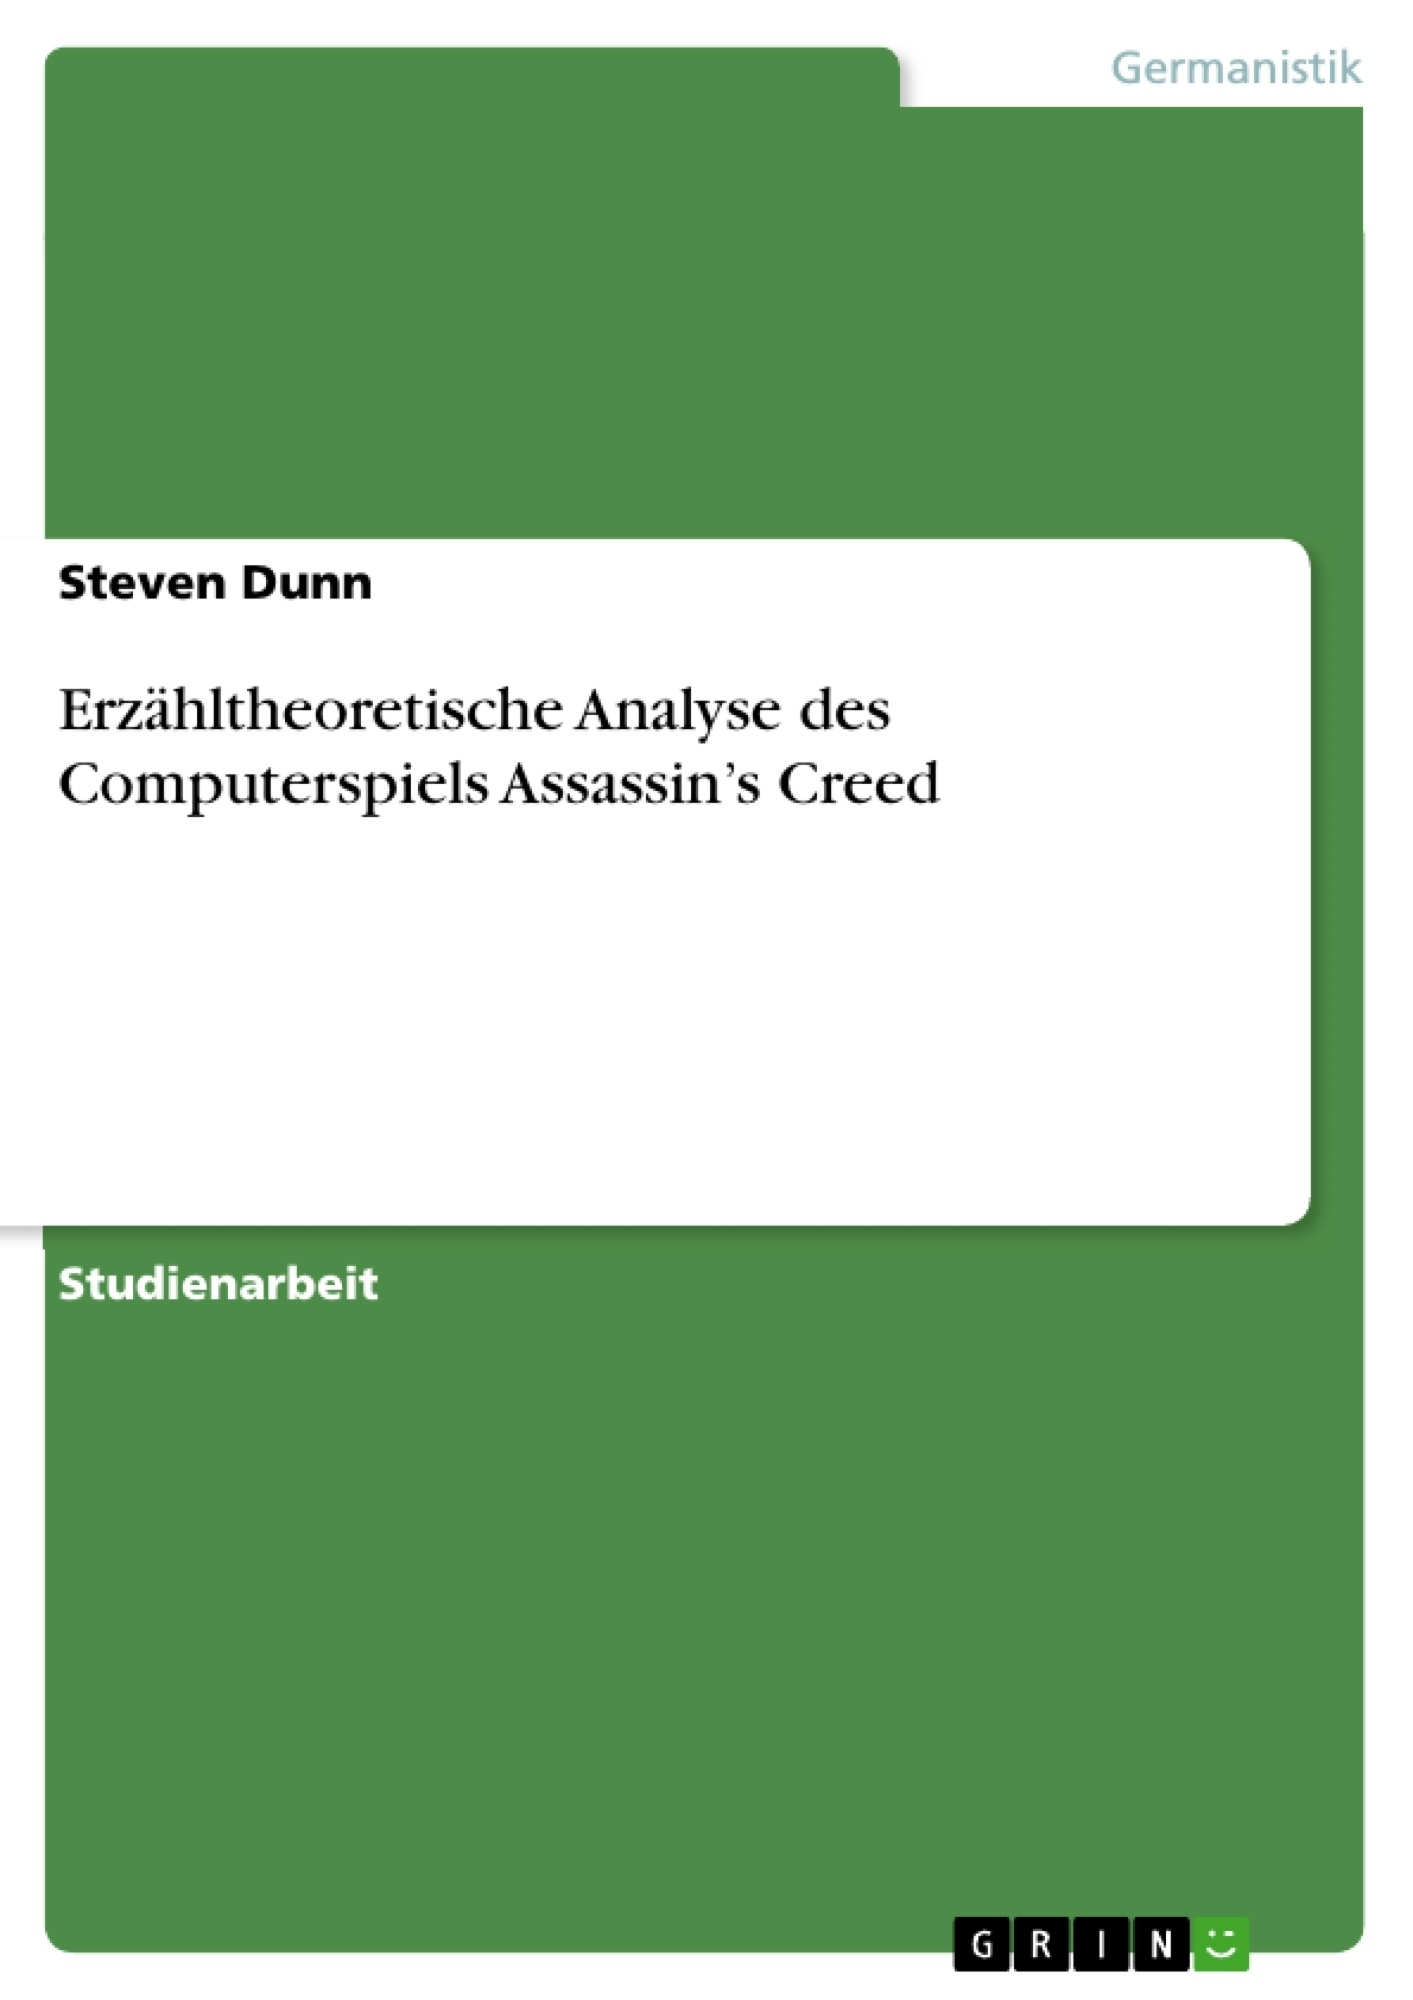 Titel: Erzähltheoretische Analyse des Computerspiels Assassin's Creed